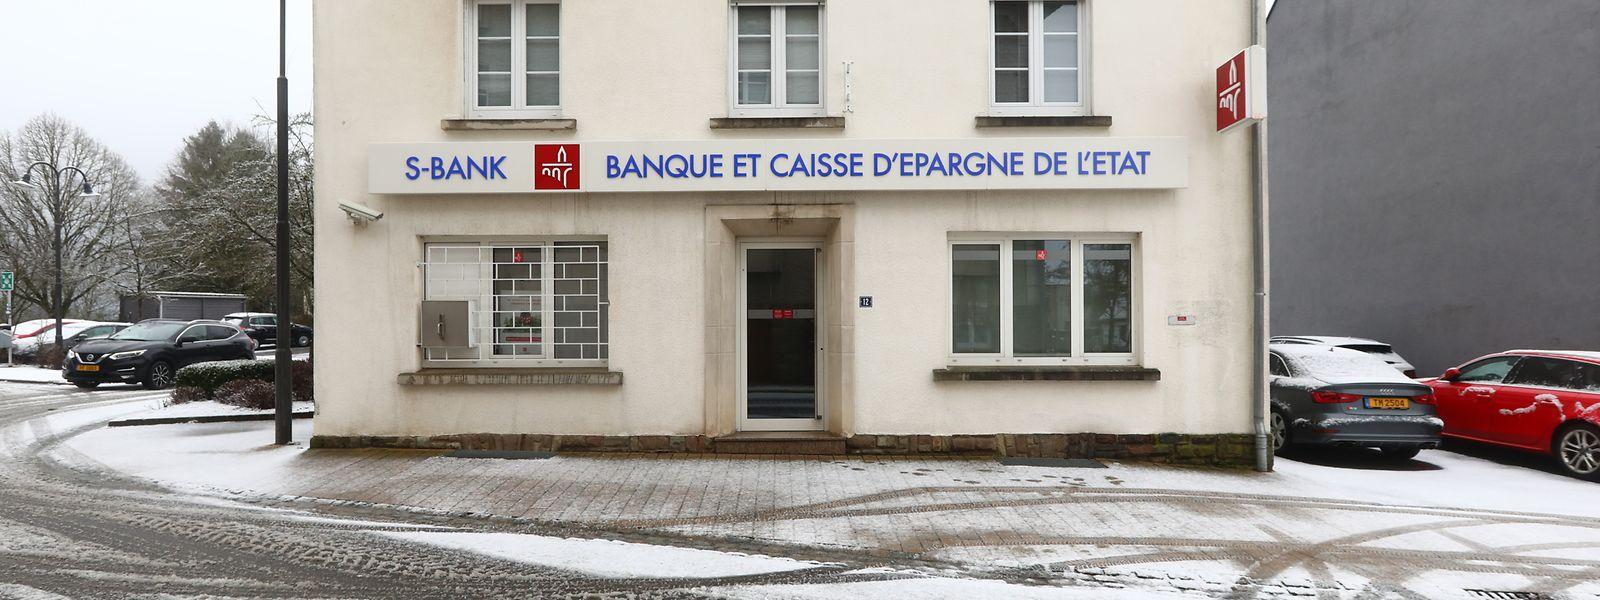 Die Bankfiliale in Hosingen ist eine von zahlreichen Niederlassungen, die in den letzten Jahren geschlossen wurden. Weitere werden folgen, sind sich die Autoren der neuen Studie sicher.